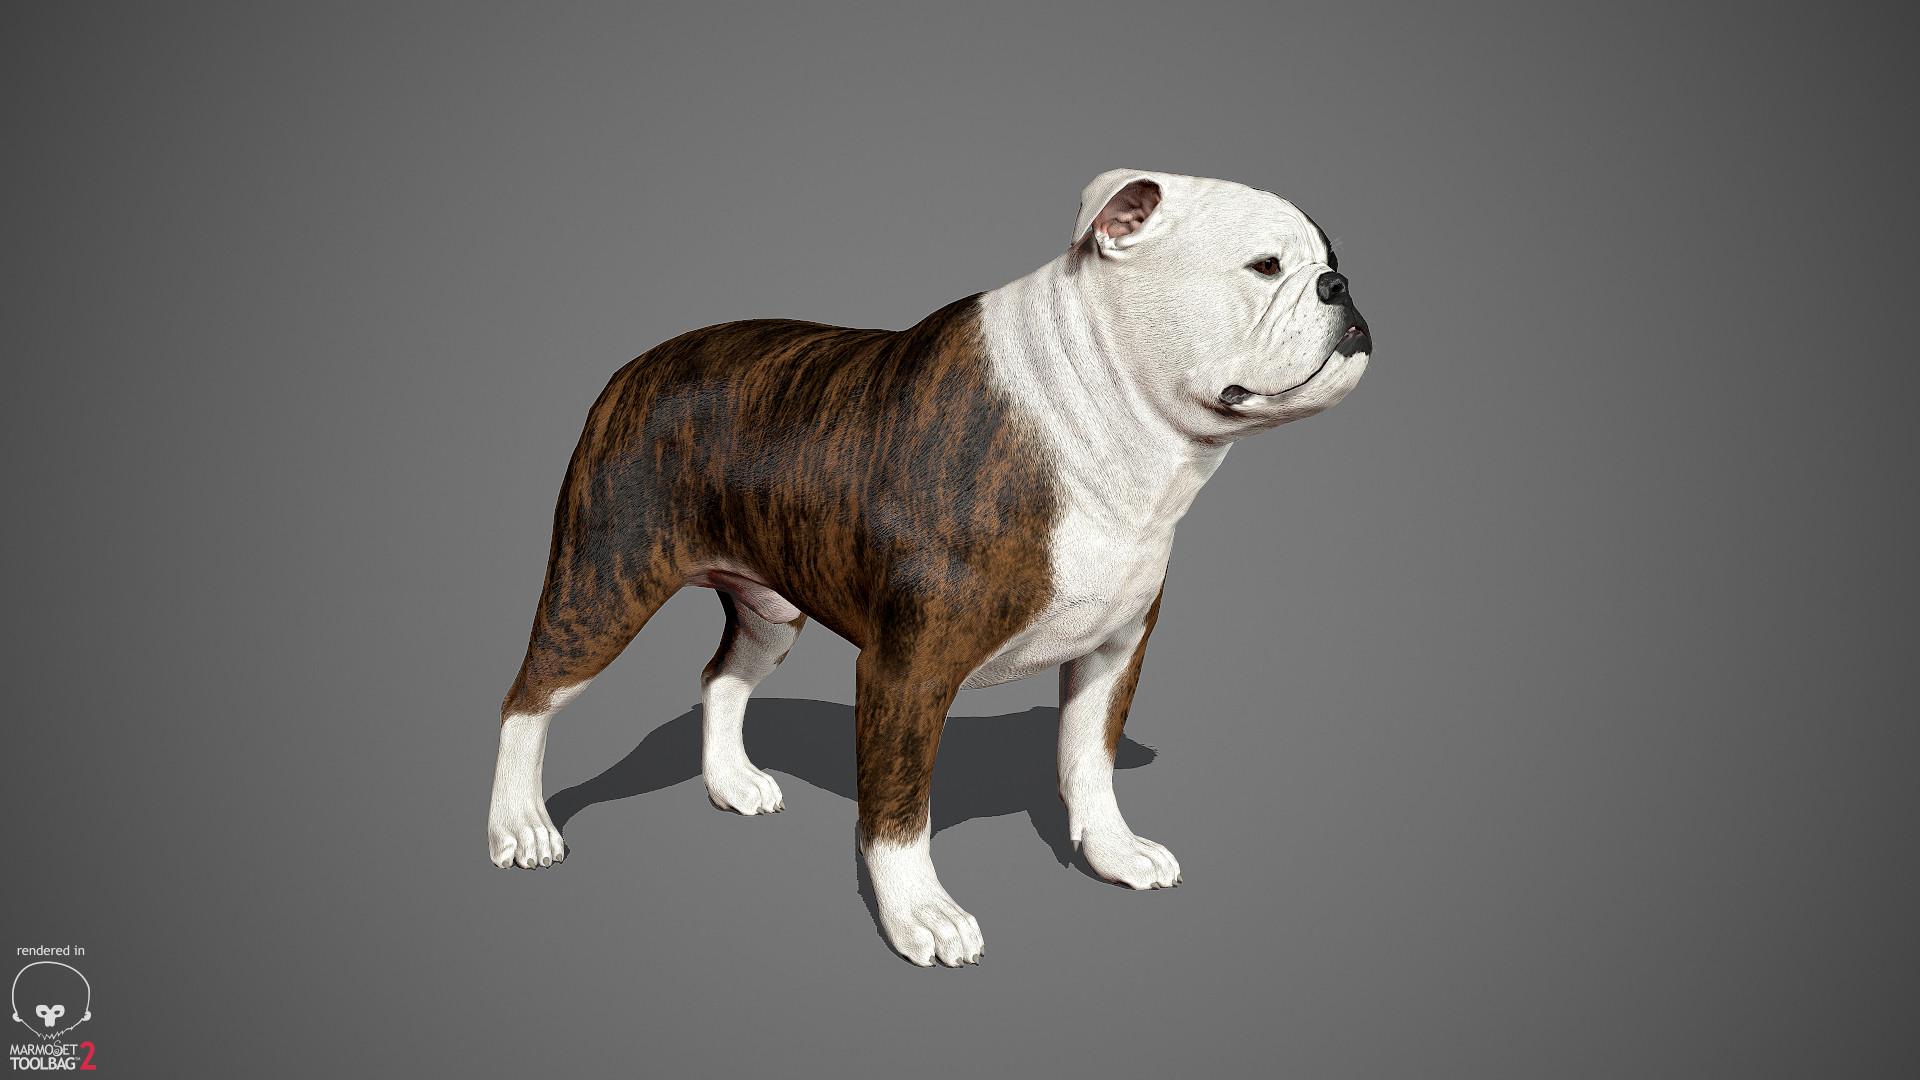 Alex lashko englishbulldog by alexlashko marmoset 03